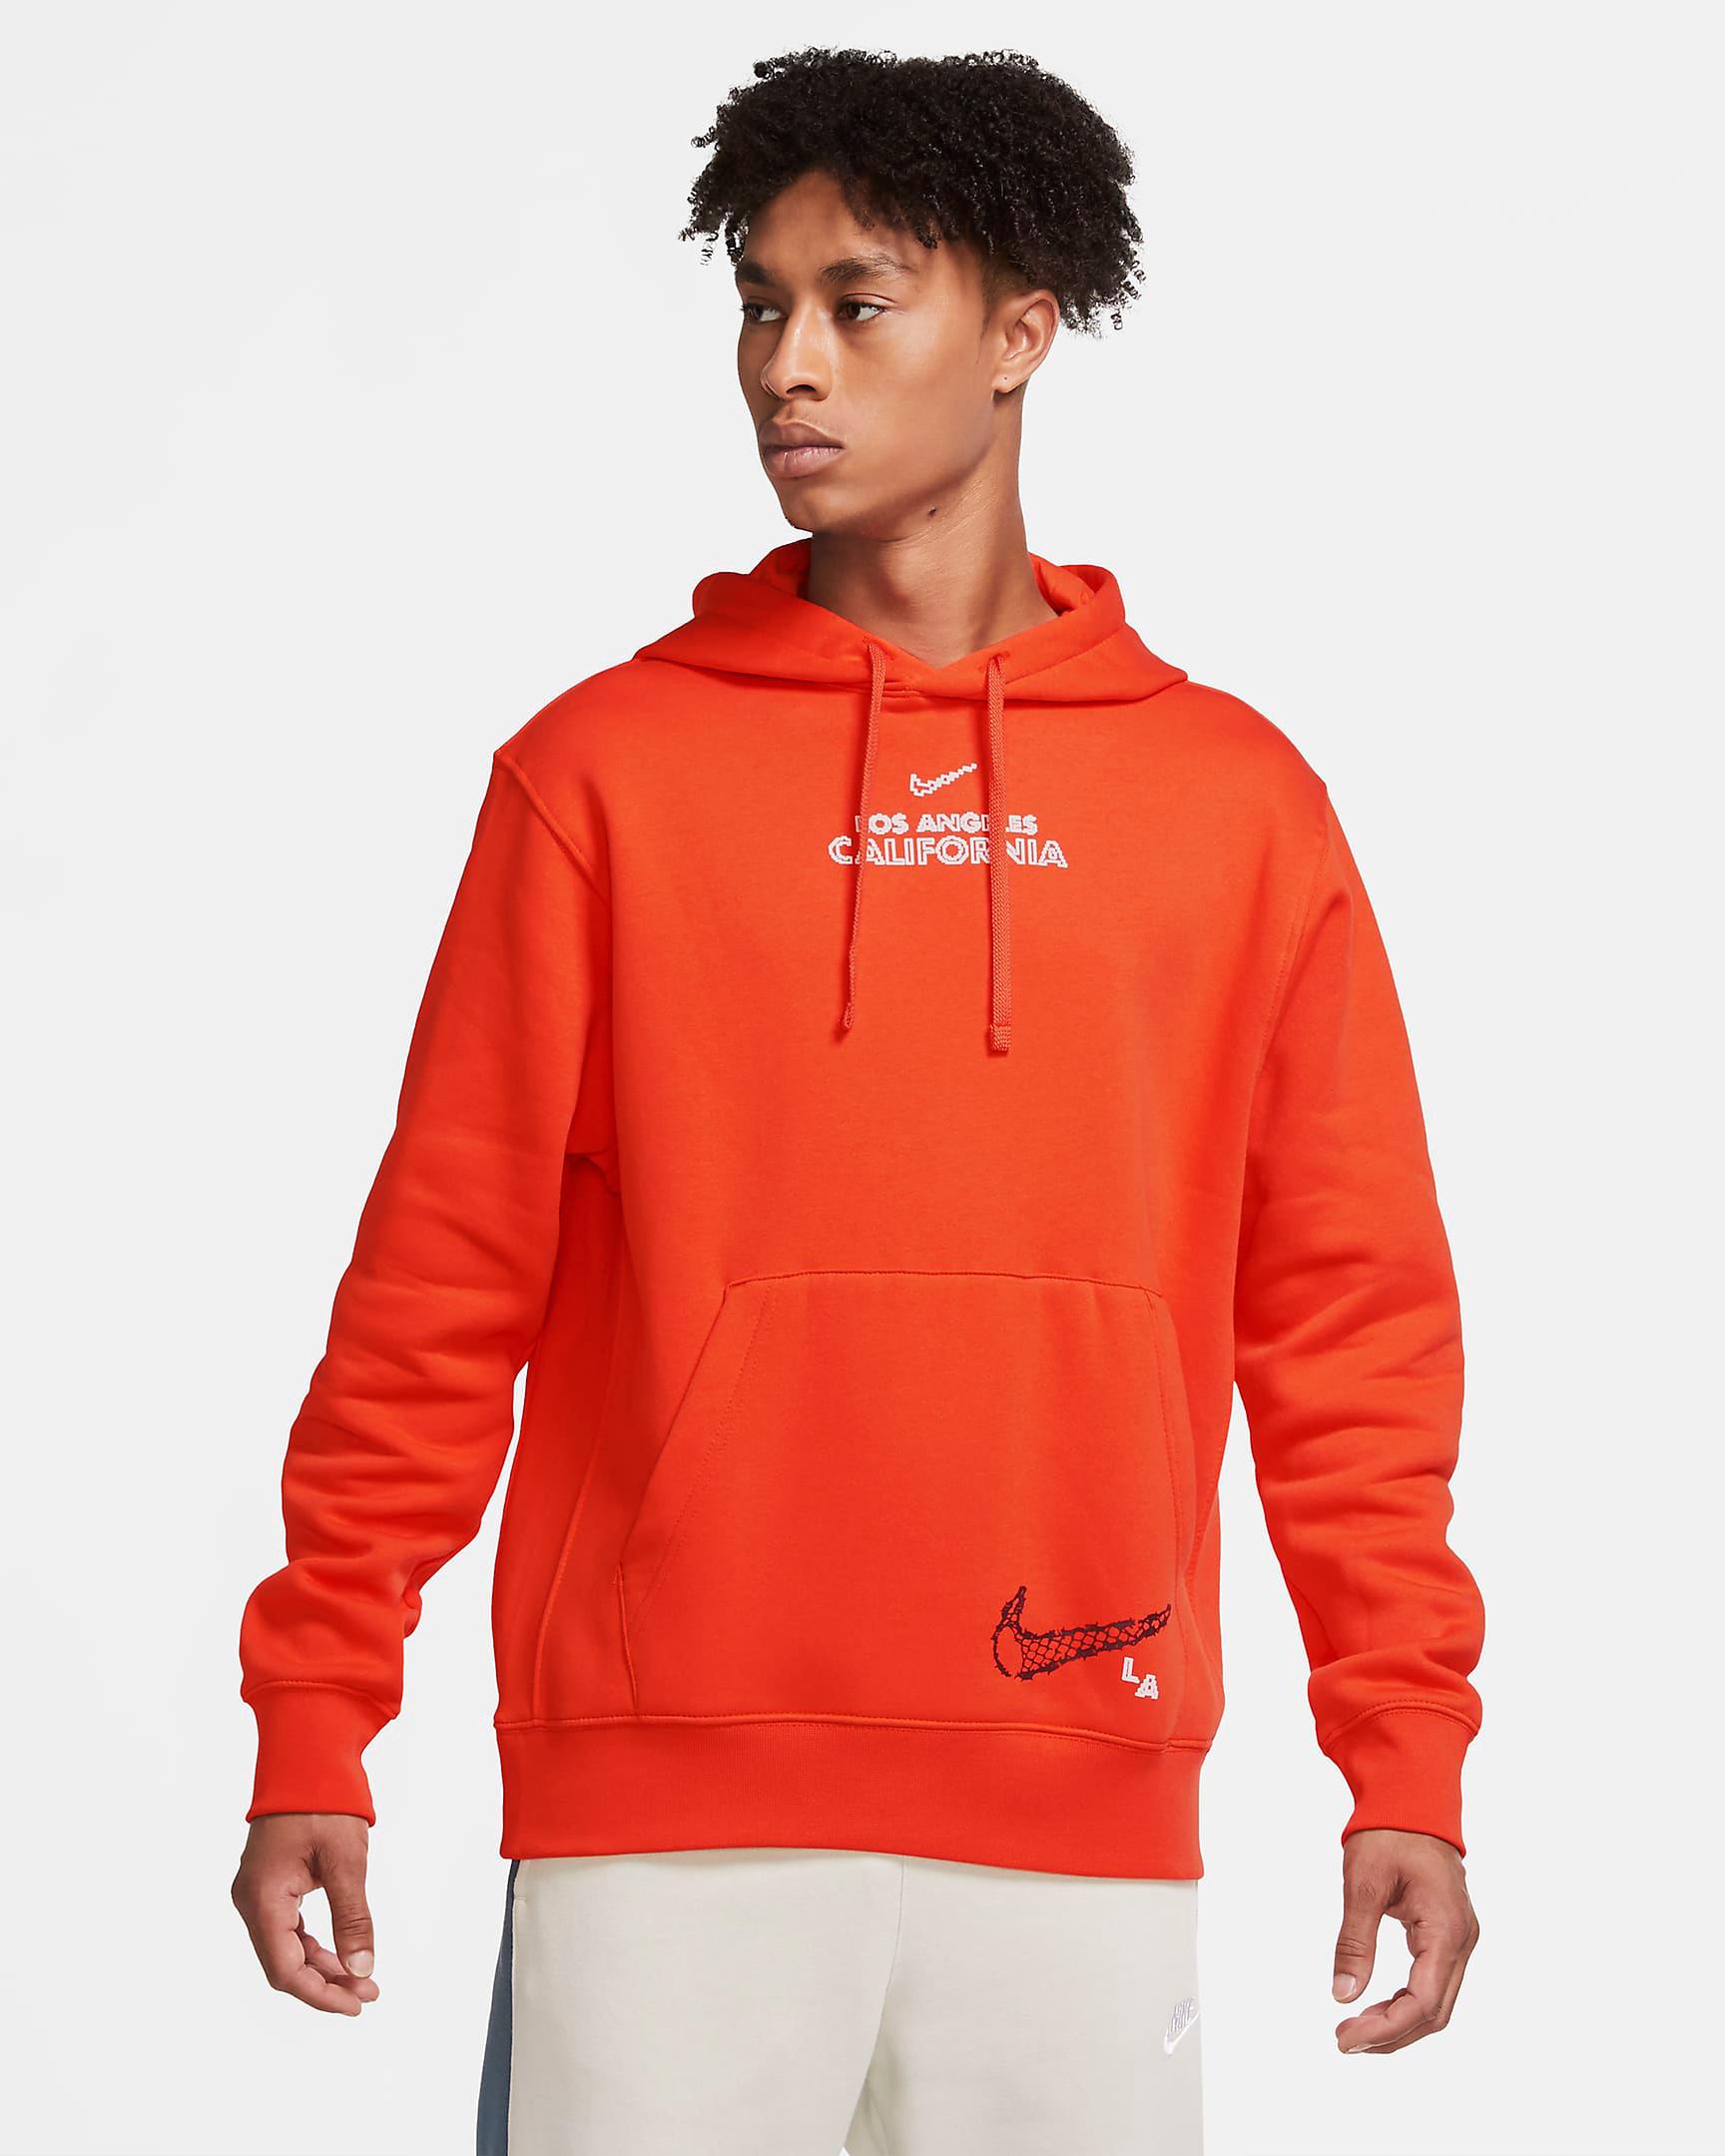 nike-air-max-97-los-angeles-orange-hoodie-1